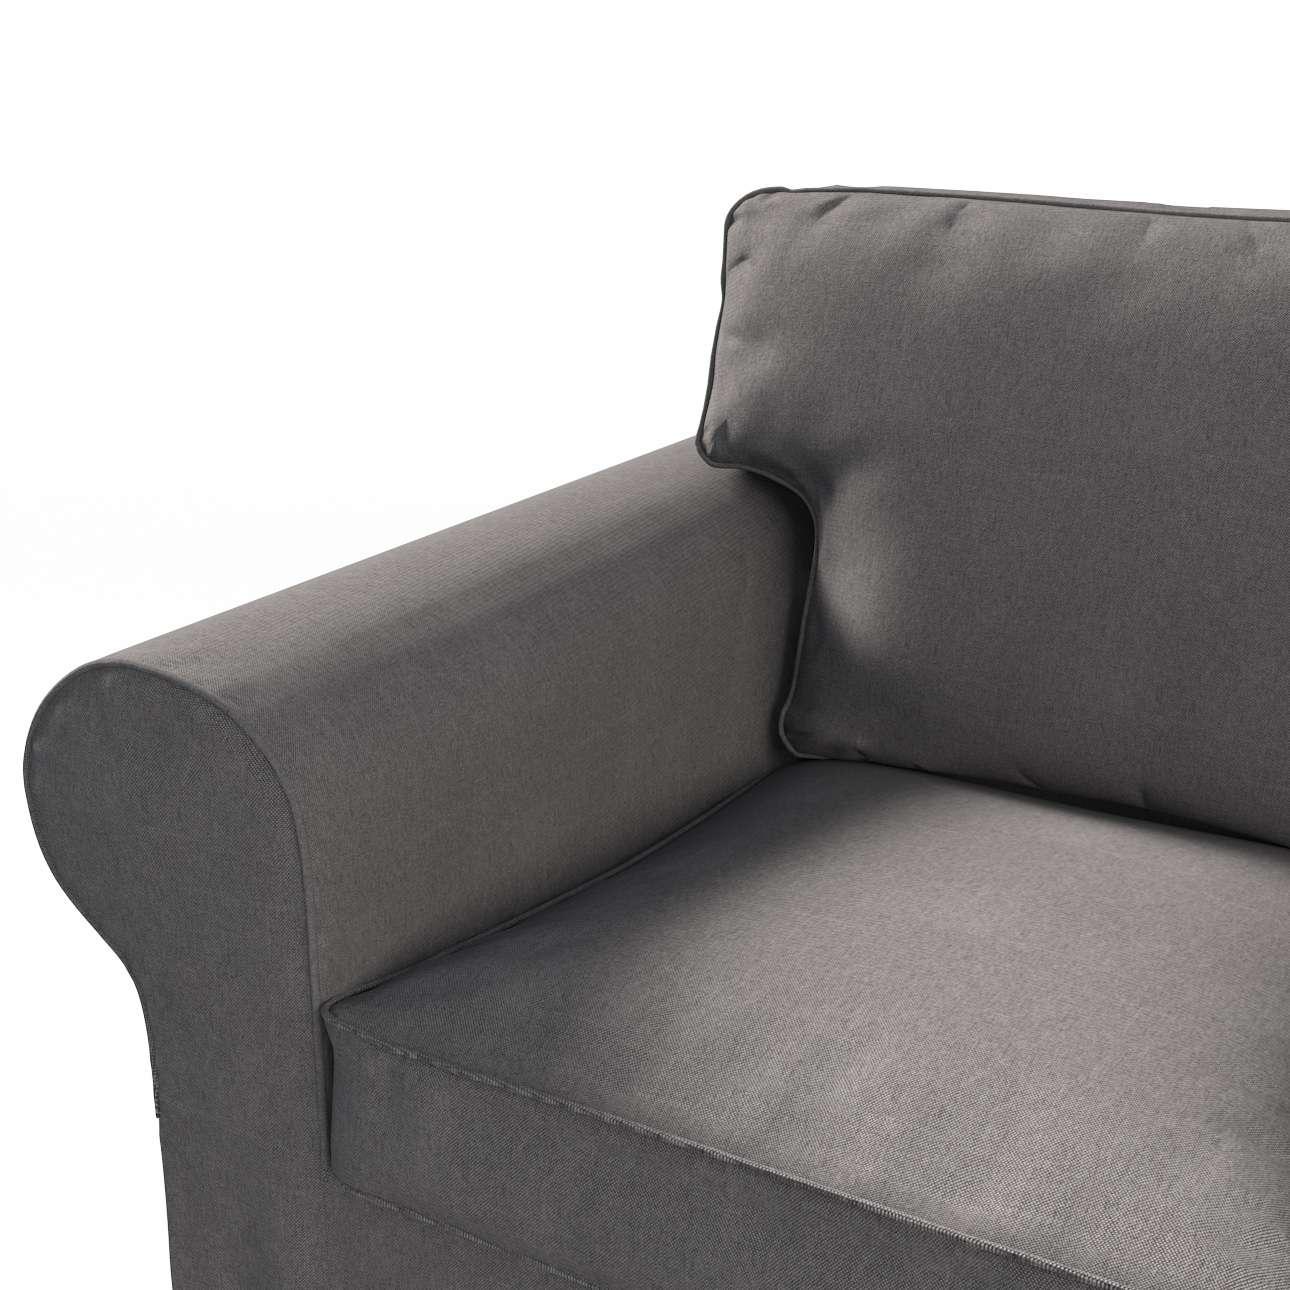 Potah na pohovku IKEA  Ektorp 3-místná, nerozkládací pohovka Ektorp 3-místná v kolekci Etna, látka: 705-35